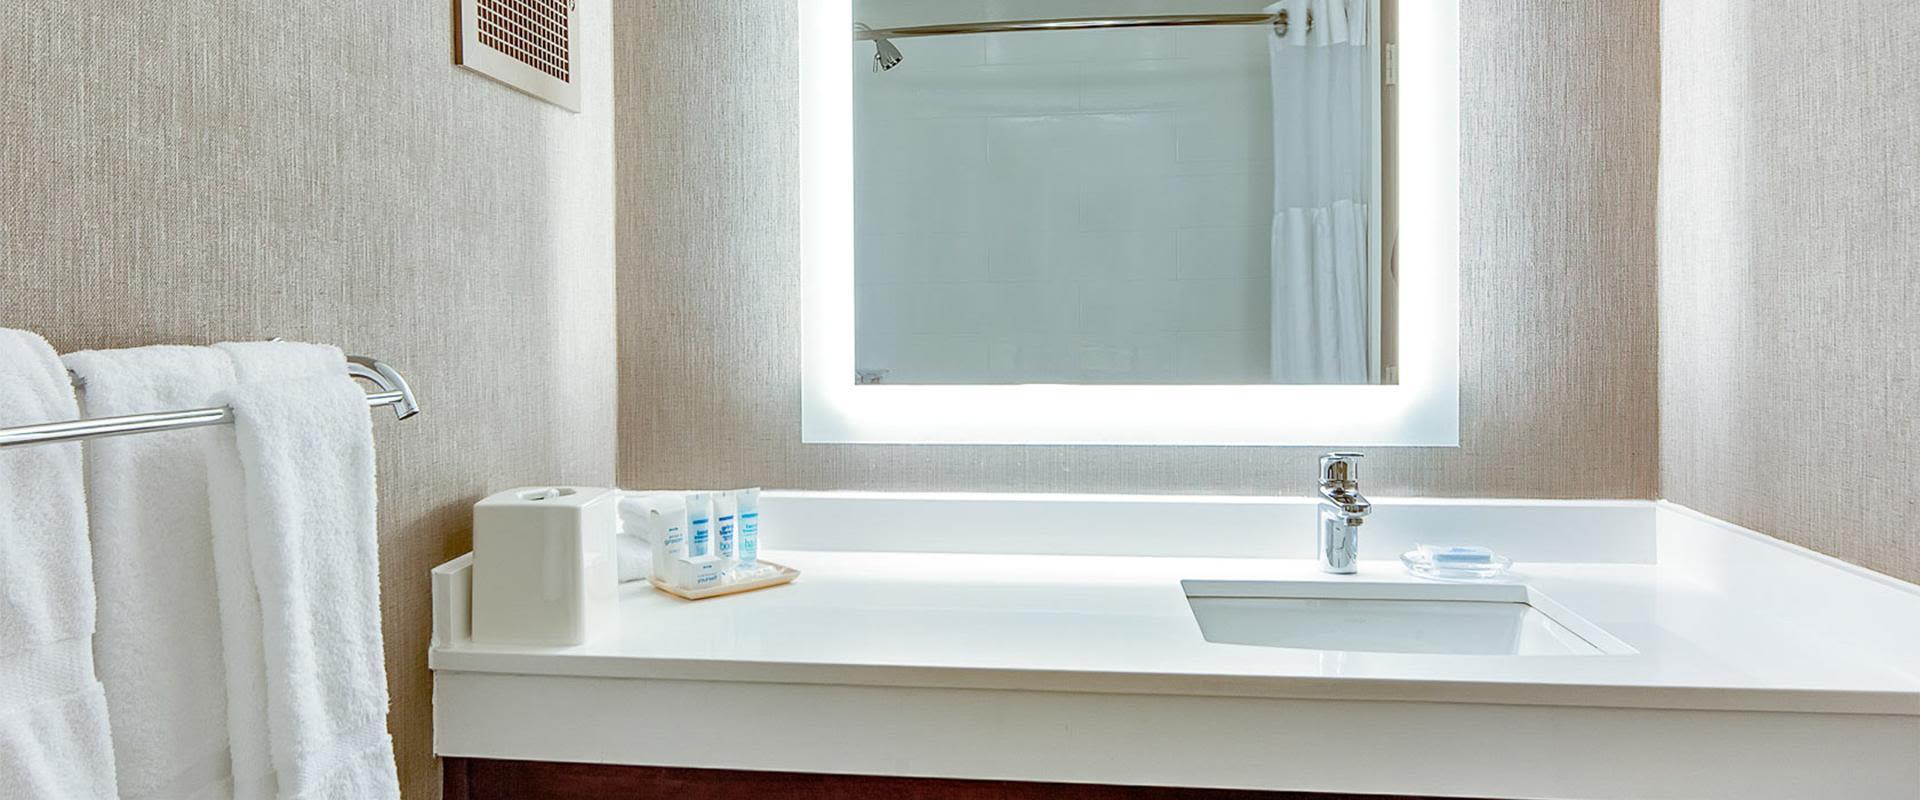 White bathroom vanity and sink